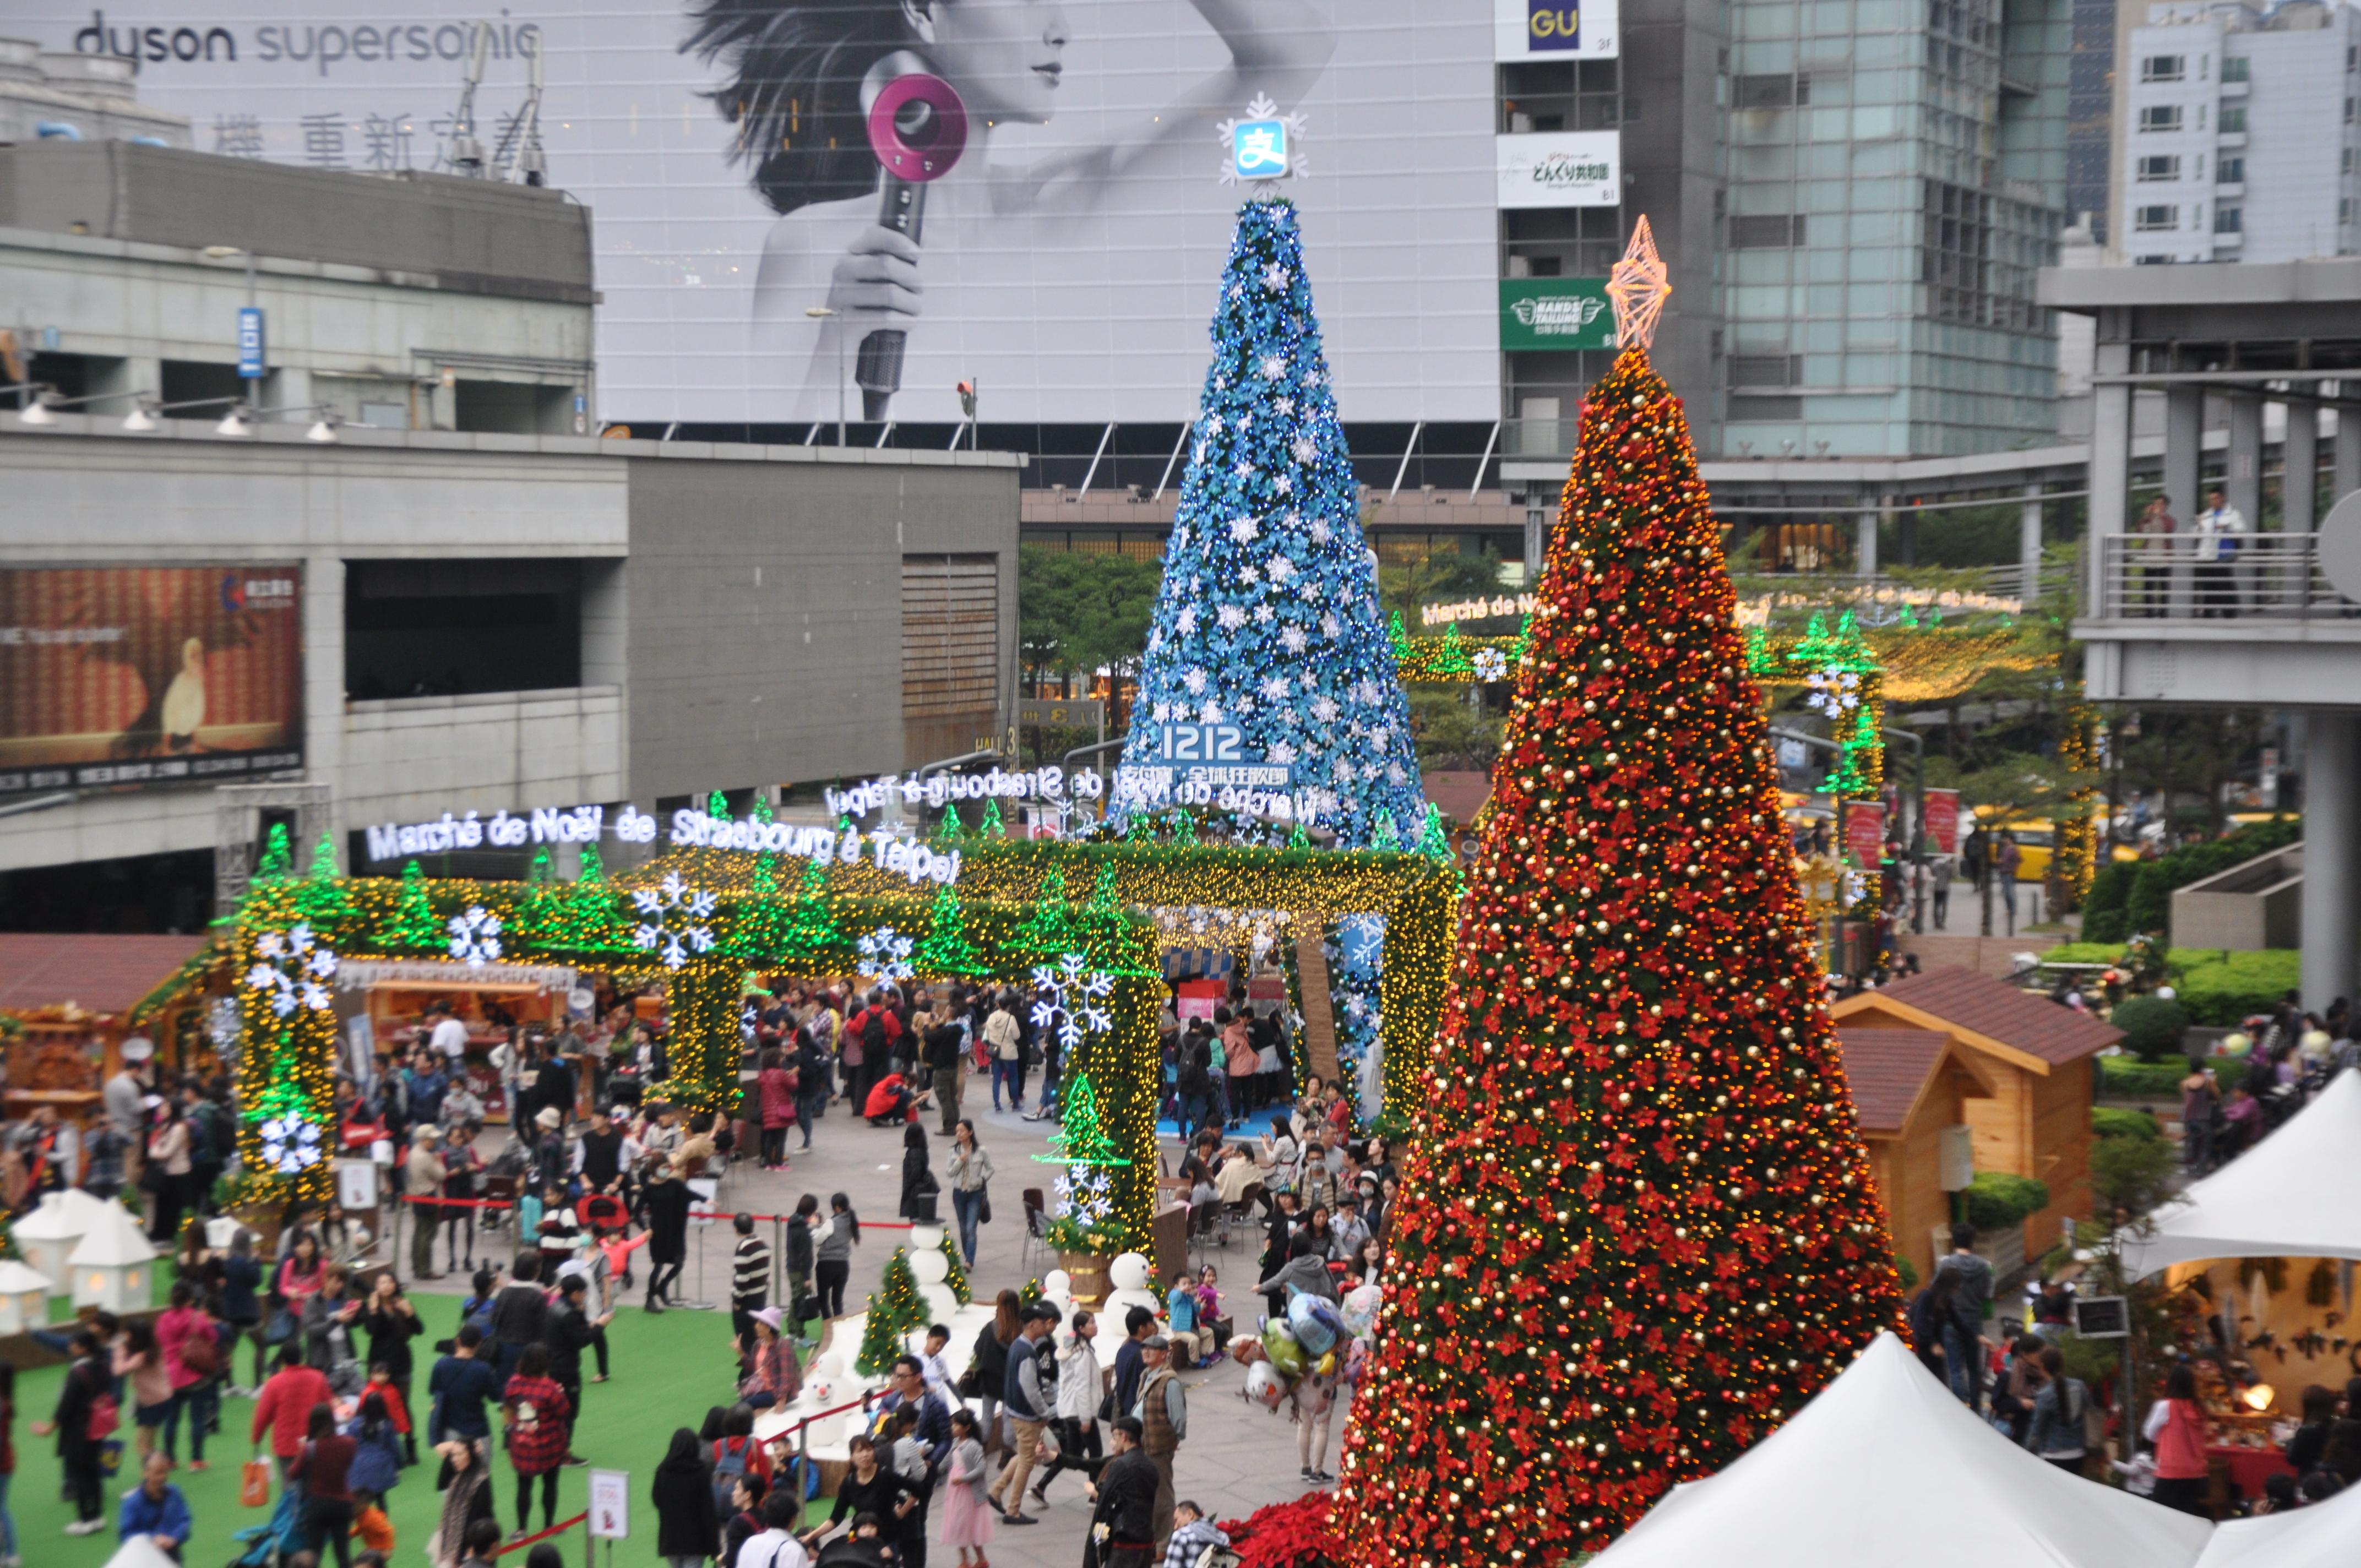 史特拉斯耶誕市集仍有許多民眾前去參與。攝影/李玟逸